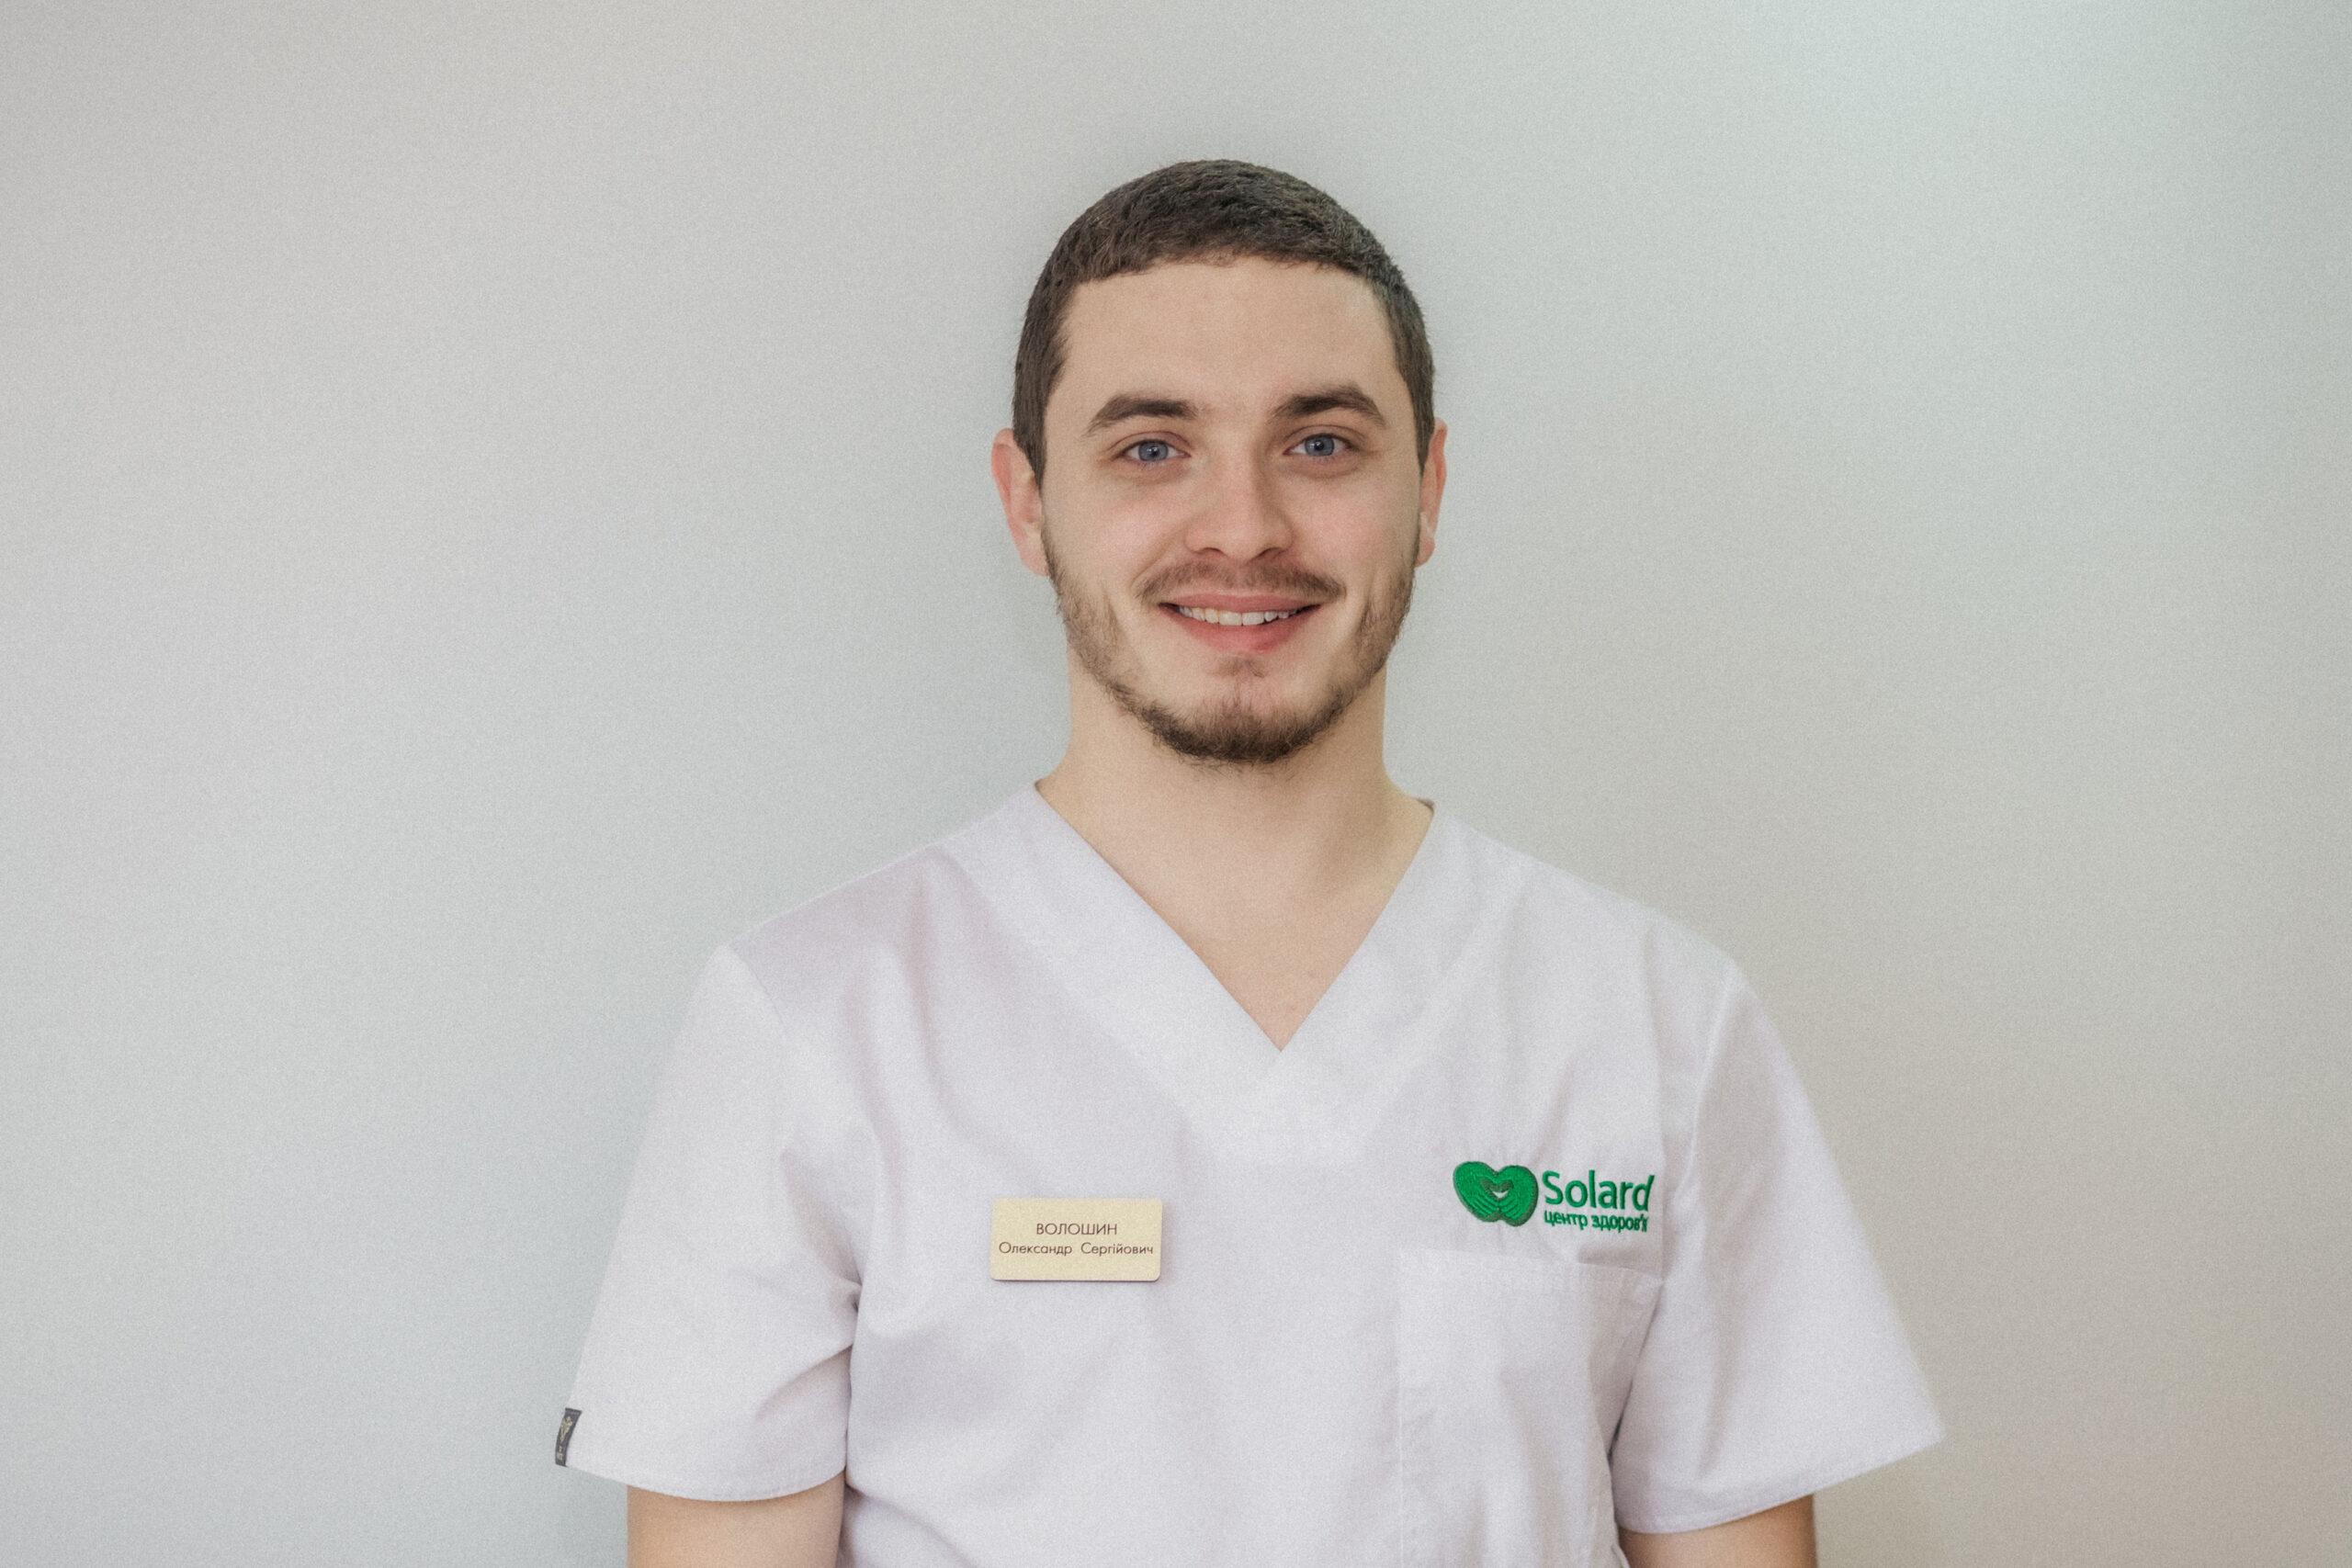 Центр здоров'я Solard - Волошин Александр Сергеевич - 1